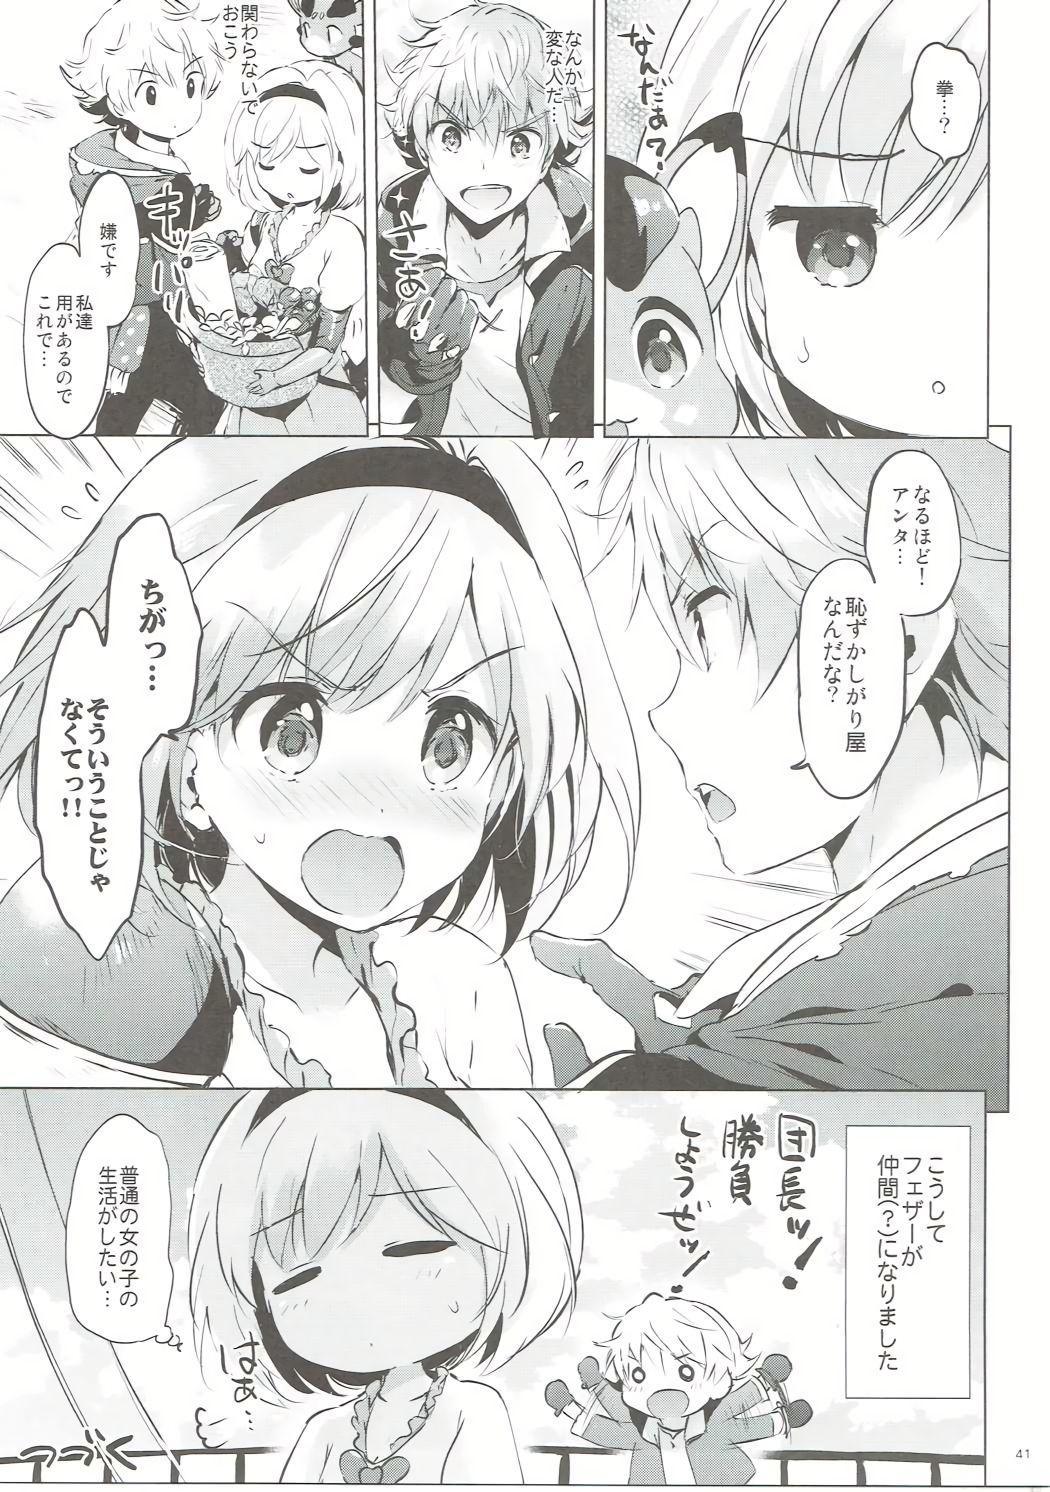 Djeeta-chan no Renai Battle na Hibi ep. 2.5 39